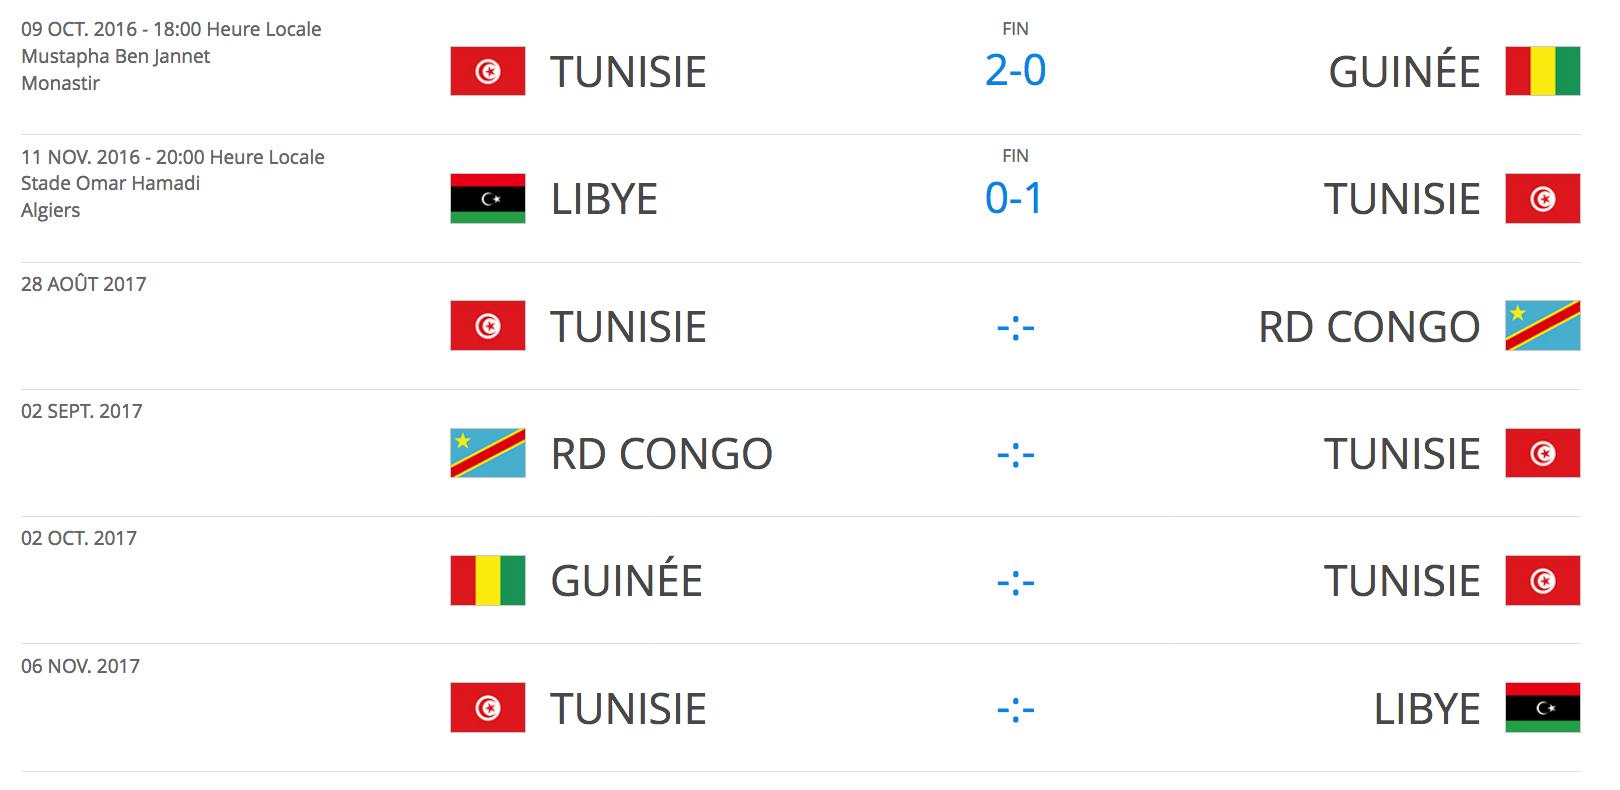 Calendrier Qualification Coupe Du Monde.Qualifications Coupe Du Monde Russie 2018 Libye Vs Tunisie